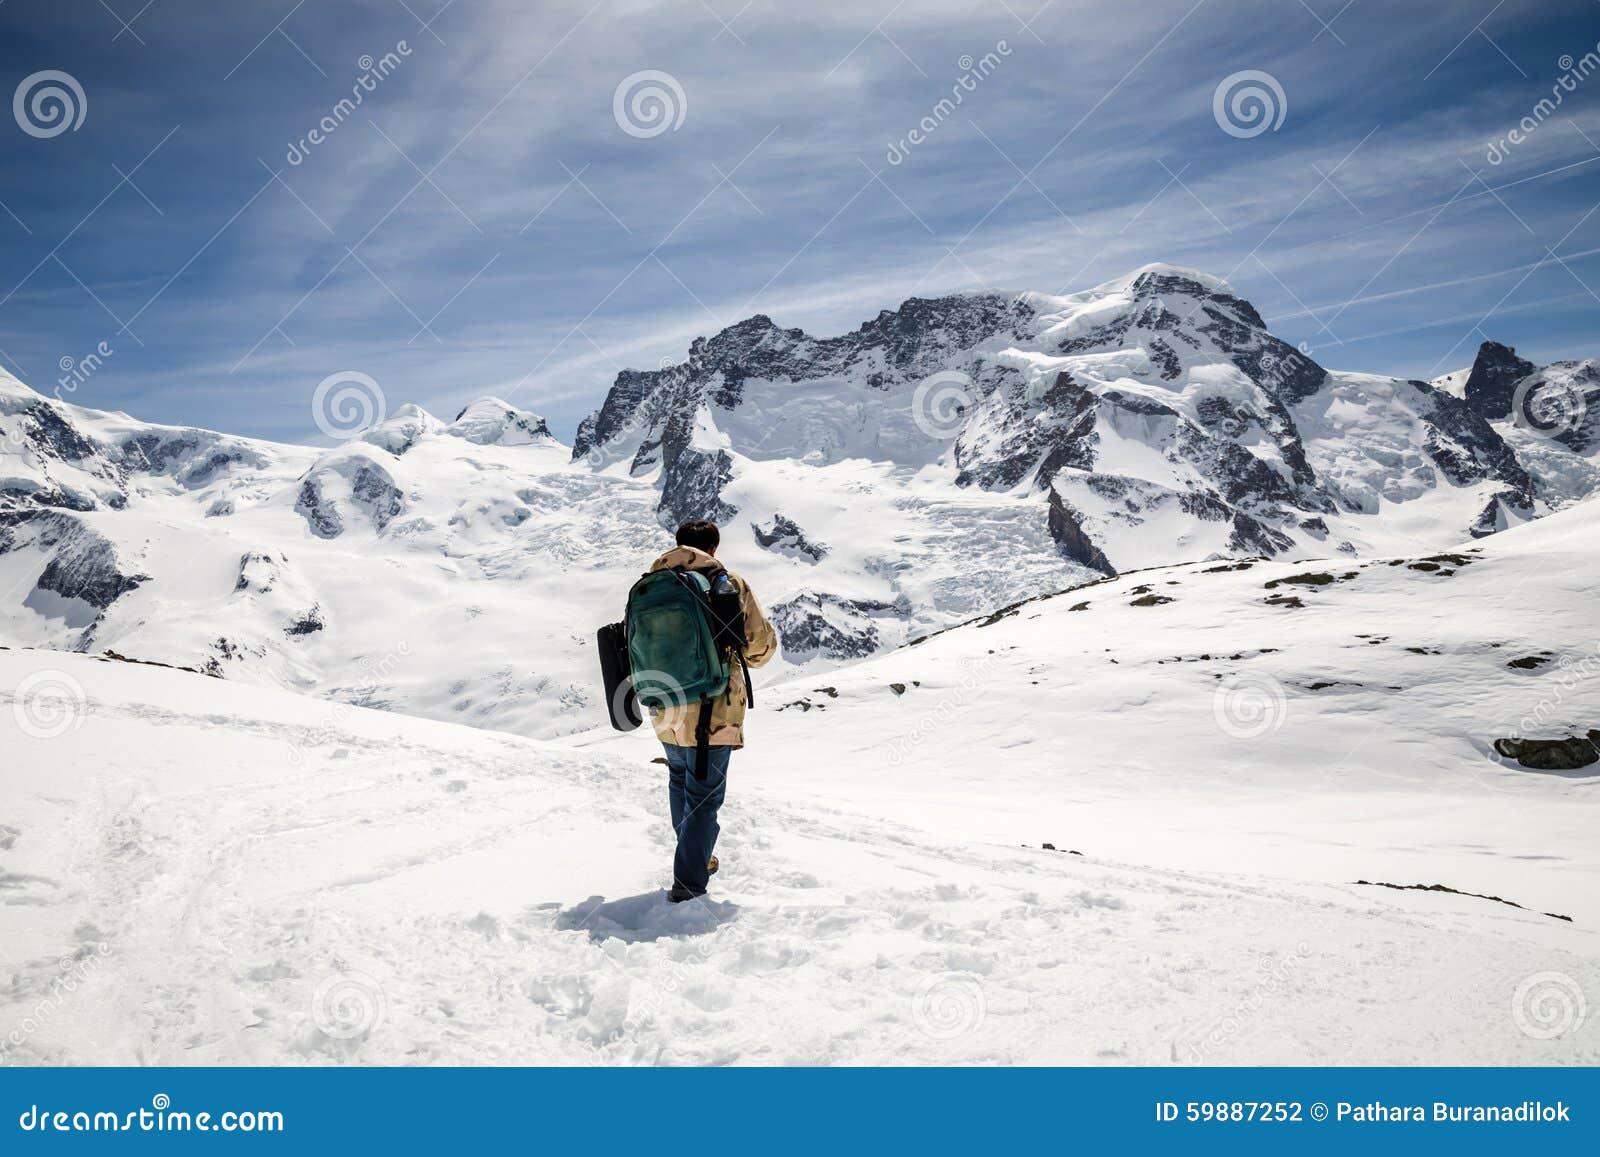 De Un Mochila El Hombre En Y Del Invierno Se La Abrigo Que Camuflaje wrpr8qI